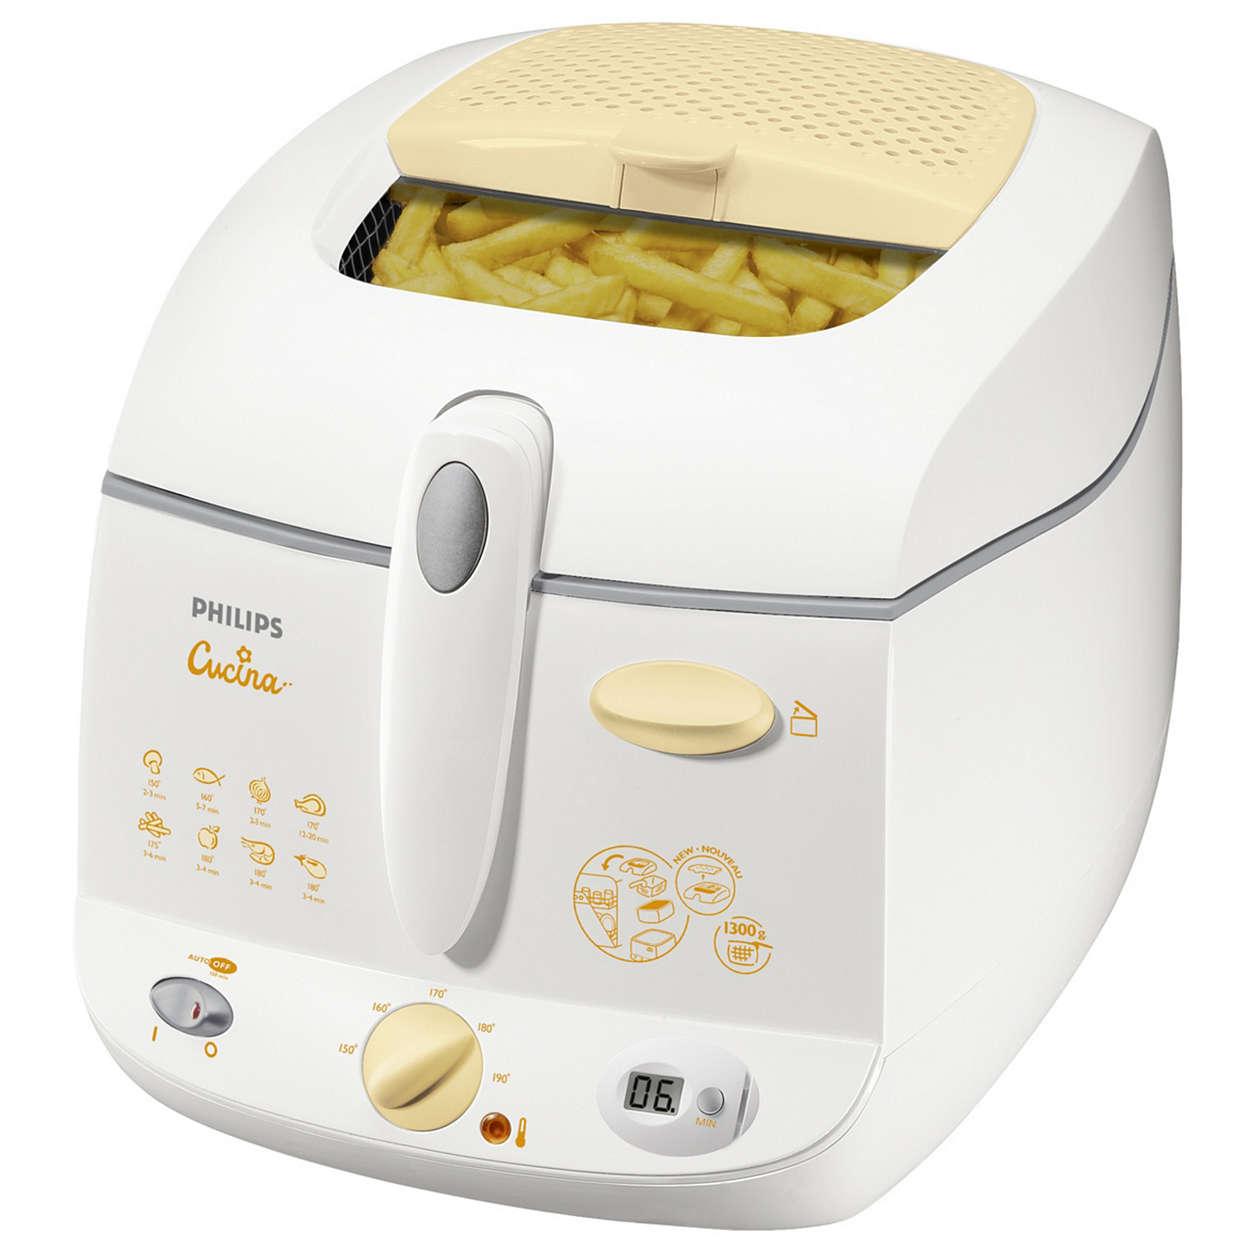 Deep Fat Fryer Hd6155 80 Philips